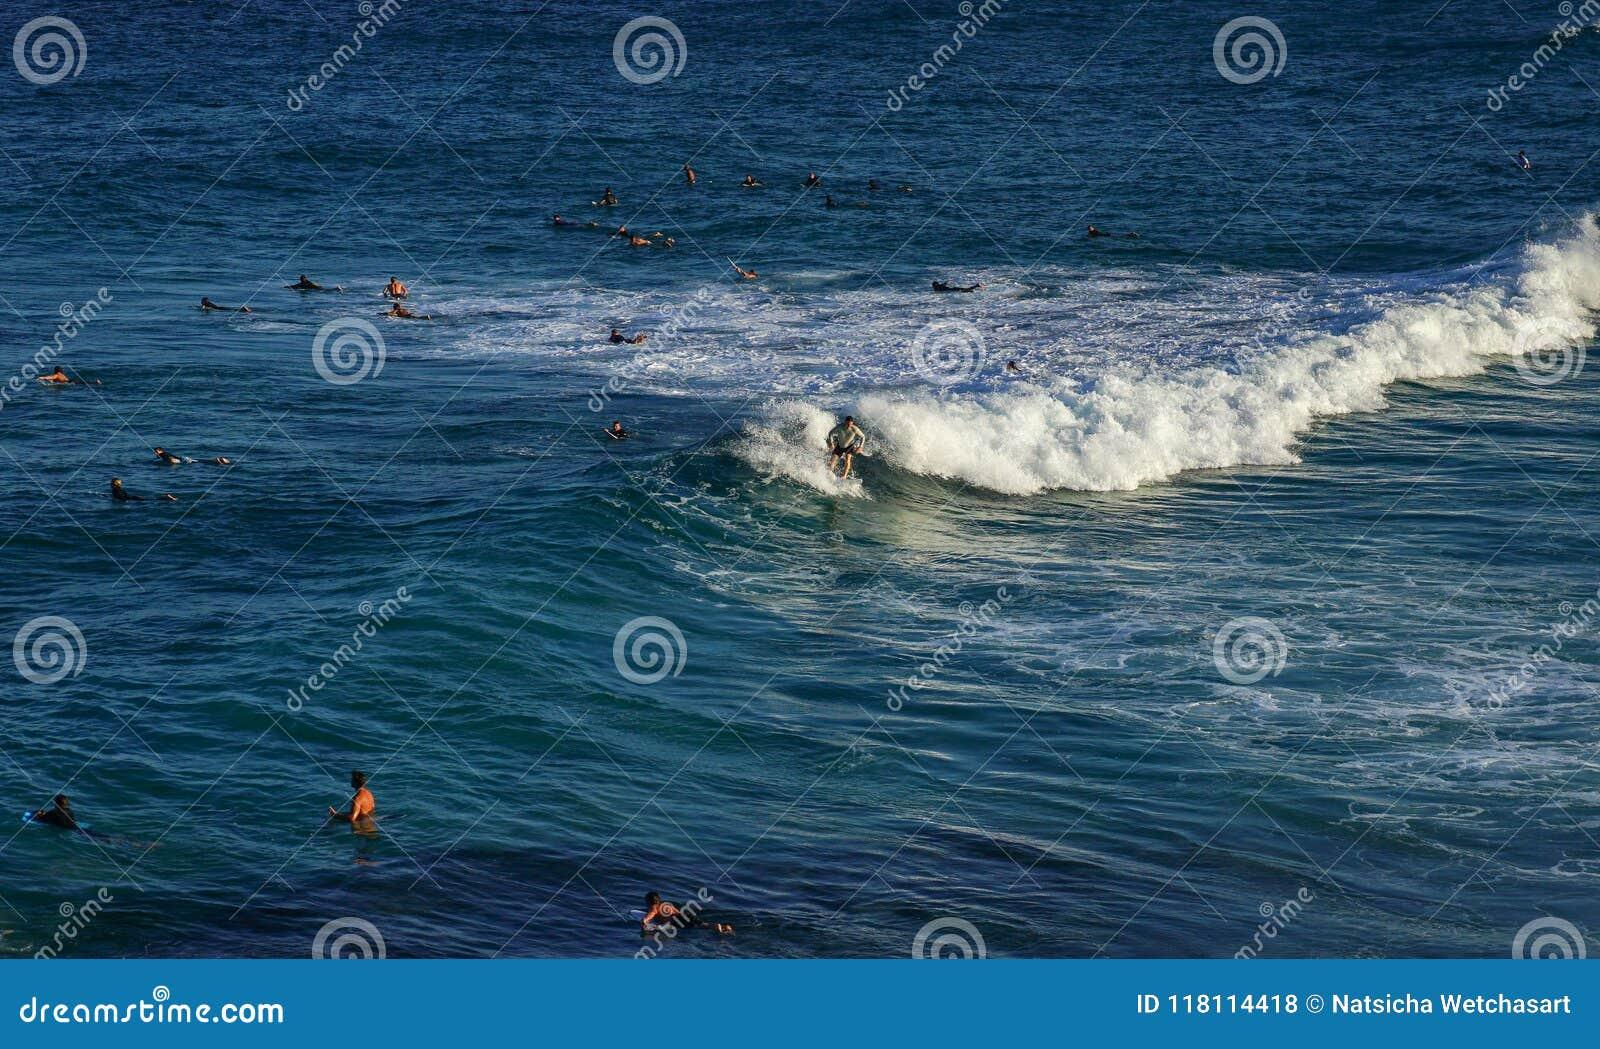 Mężczyzna surfing na biel piany fala w błękitnym oceanie z ludźmi pływać